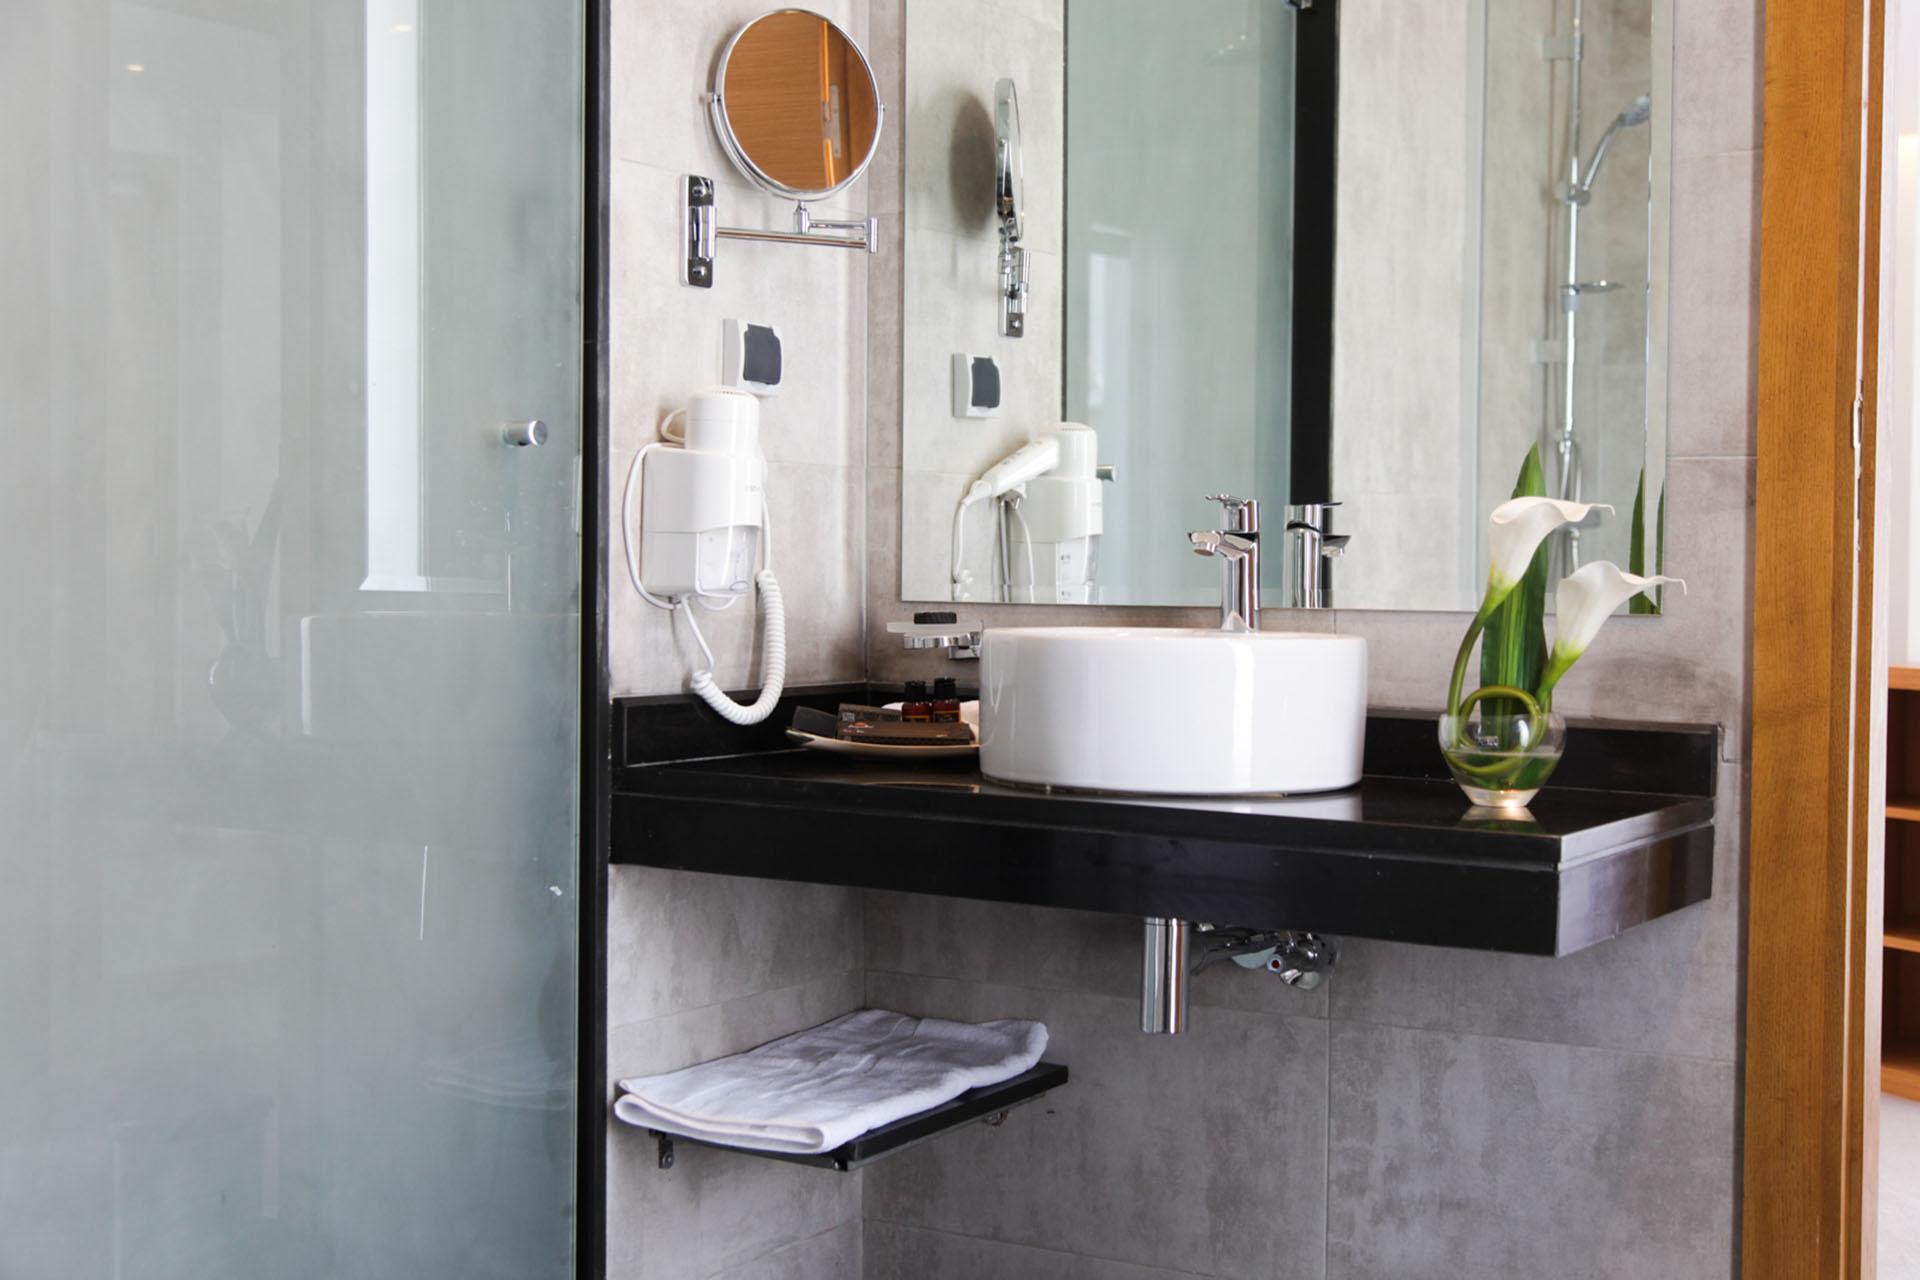 http://smartshotel.com/wp-content/uploads/2016/04/Suite-Bathroom.jpg